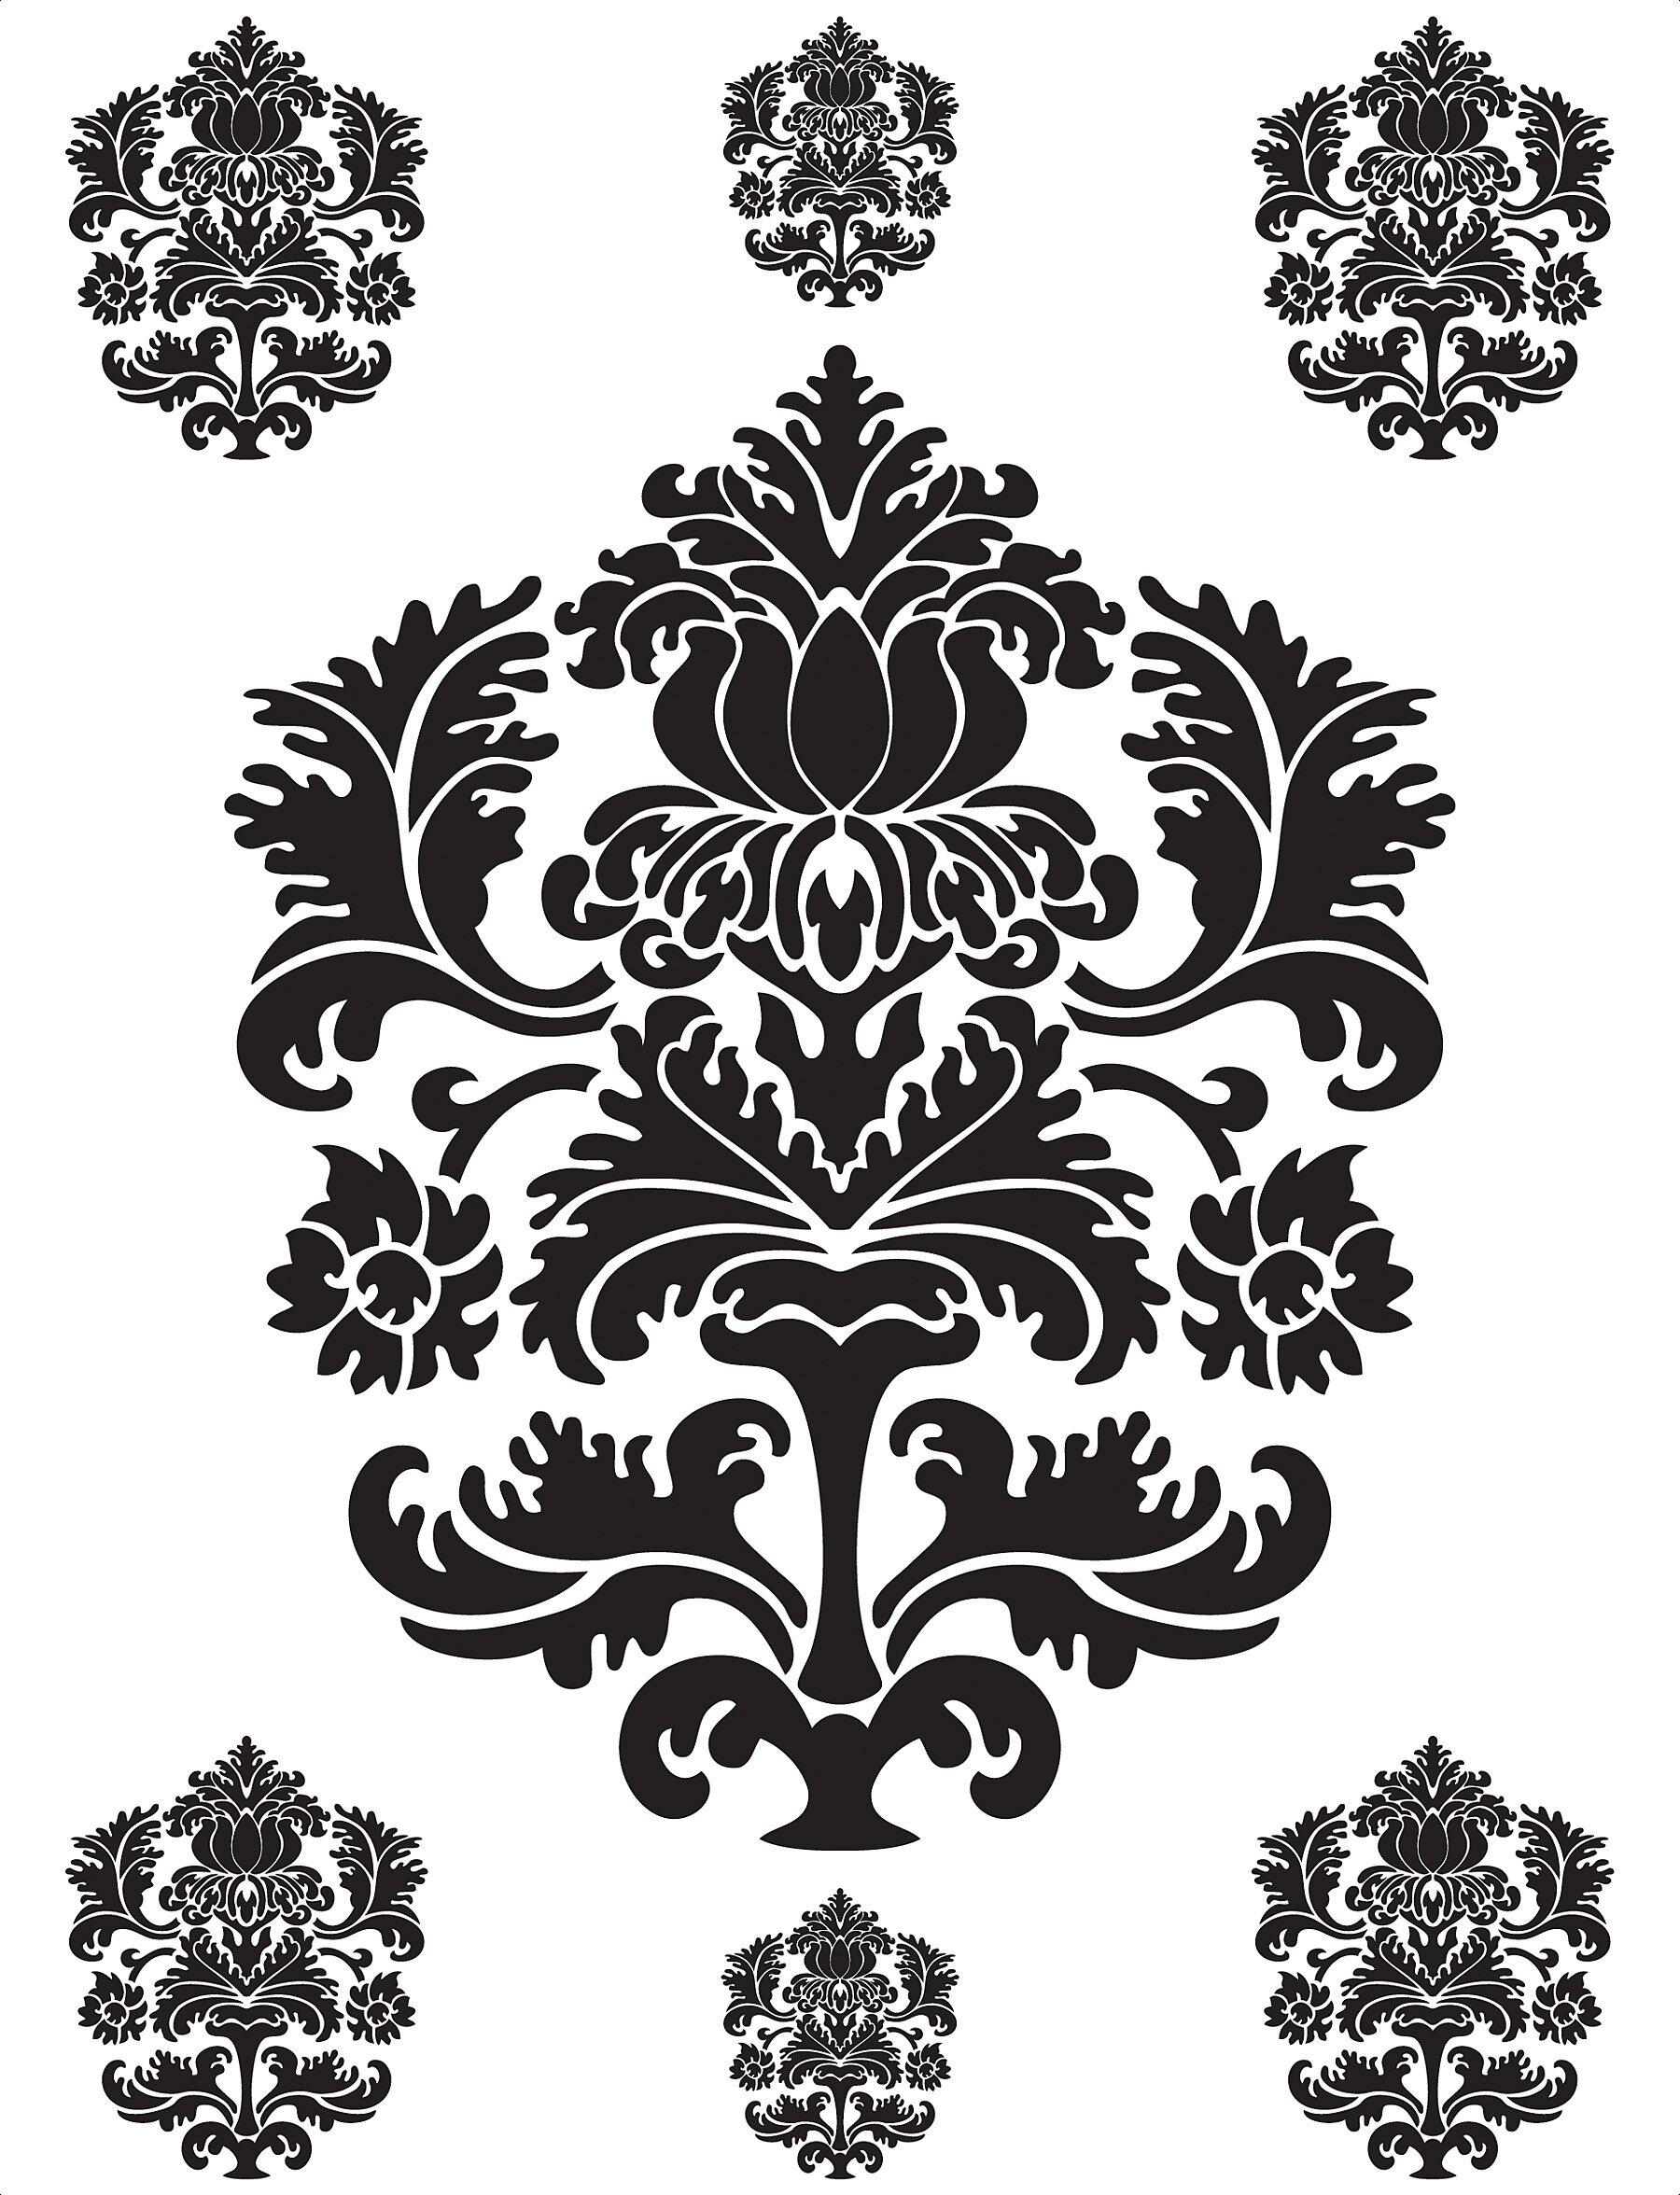 sc 1 st  Wayfair & Brewster Home Fashions Spirit Damask Wall Decal | Wayfair